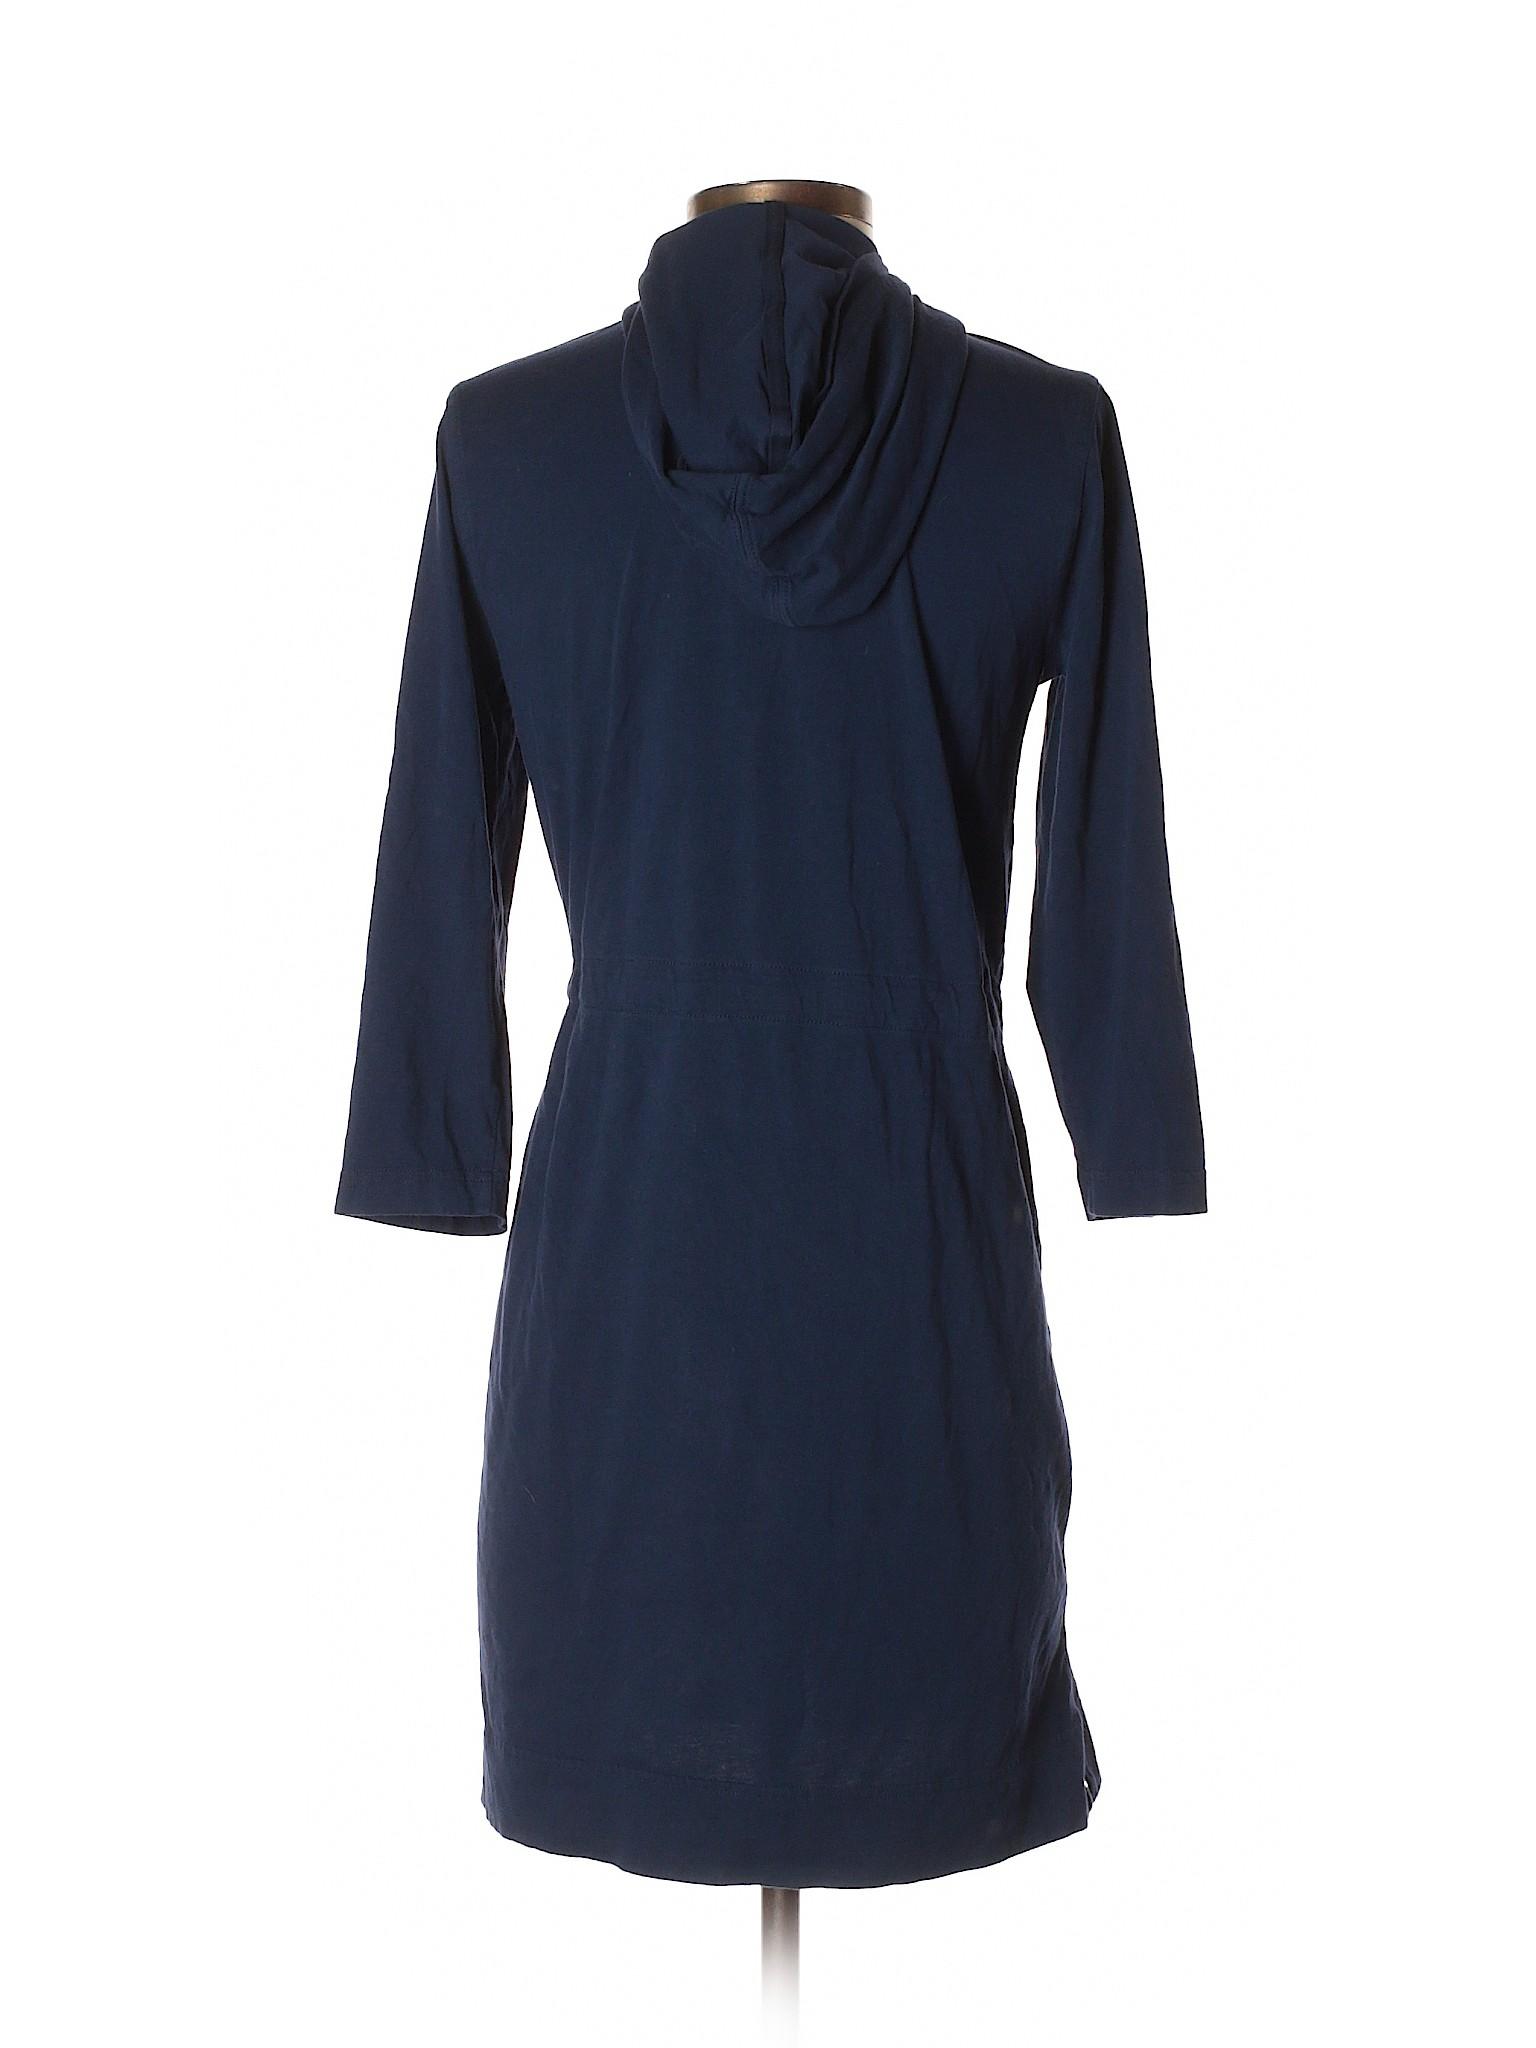 End Dress winter Boutique Lands' Casual SaEvqxnwA